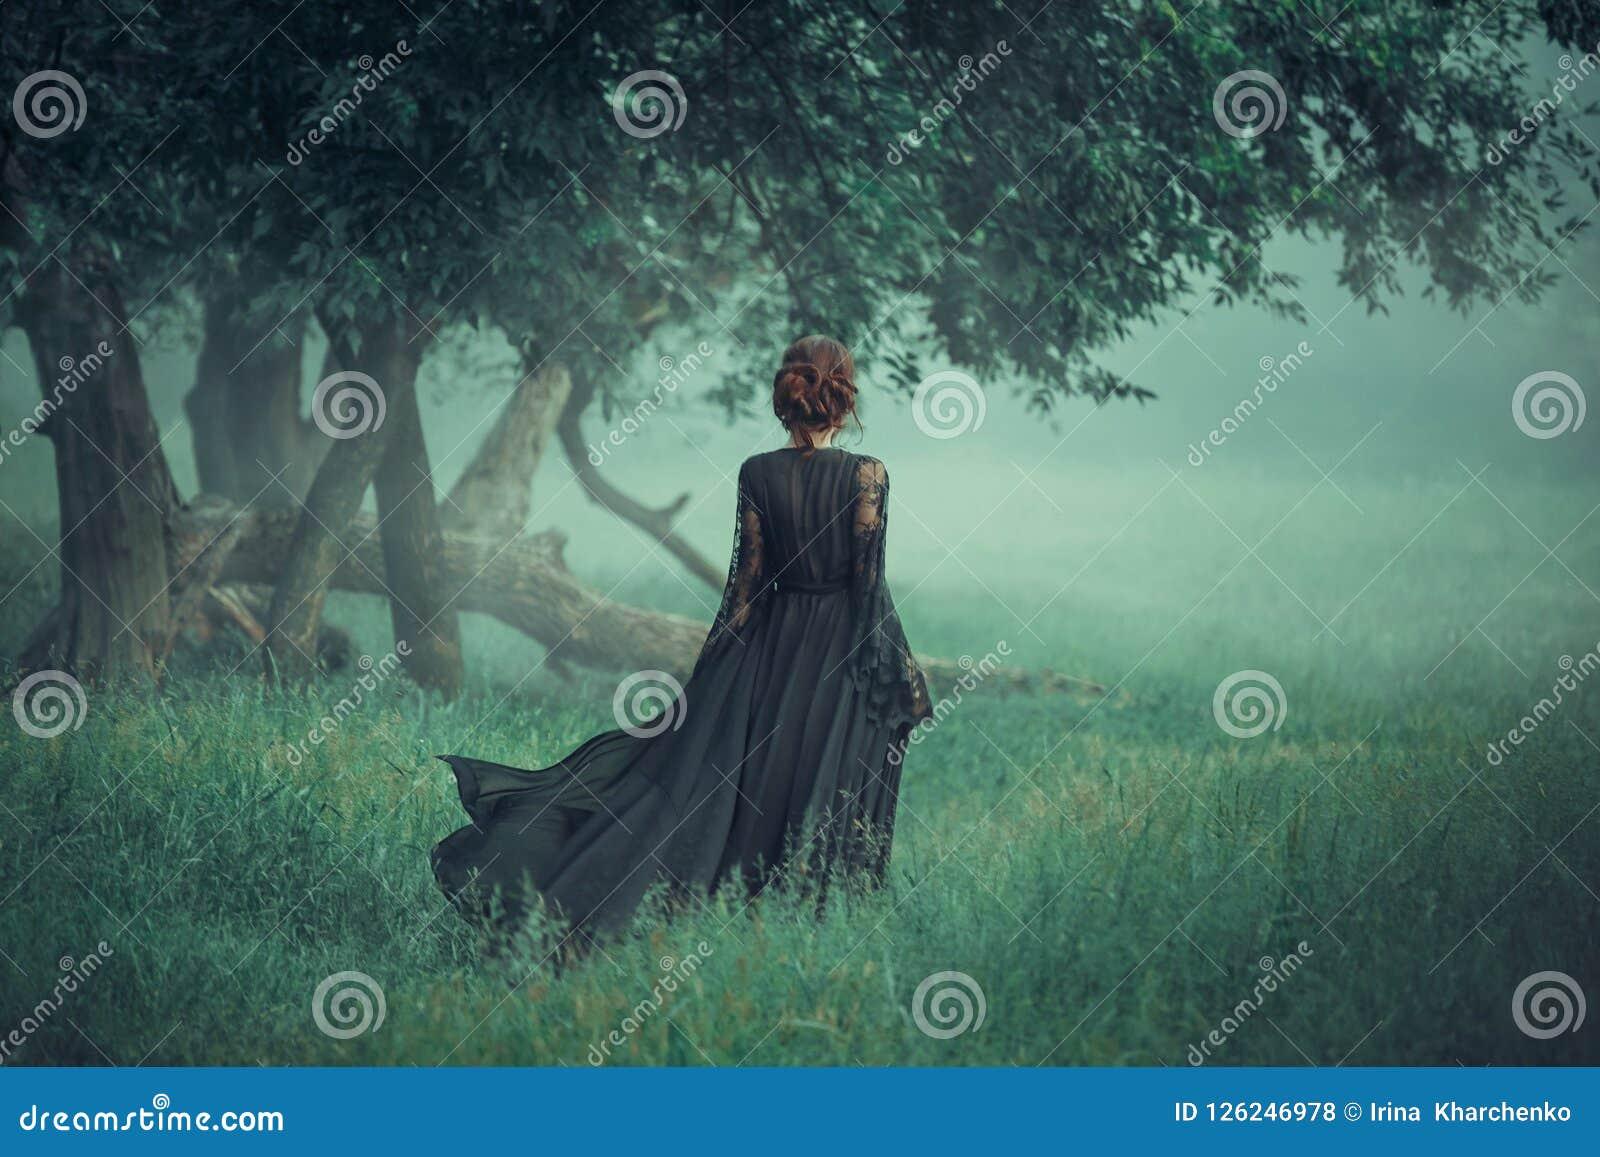 Fille avec des cheveux rouges marchant le long de la forêt foncée, longue robe noire de port avec la remorque qui ondule dans le